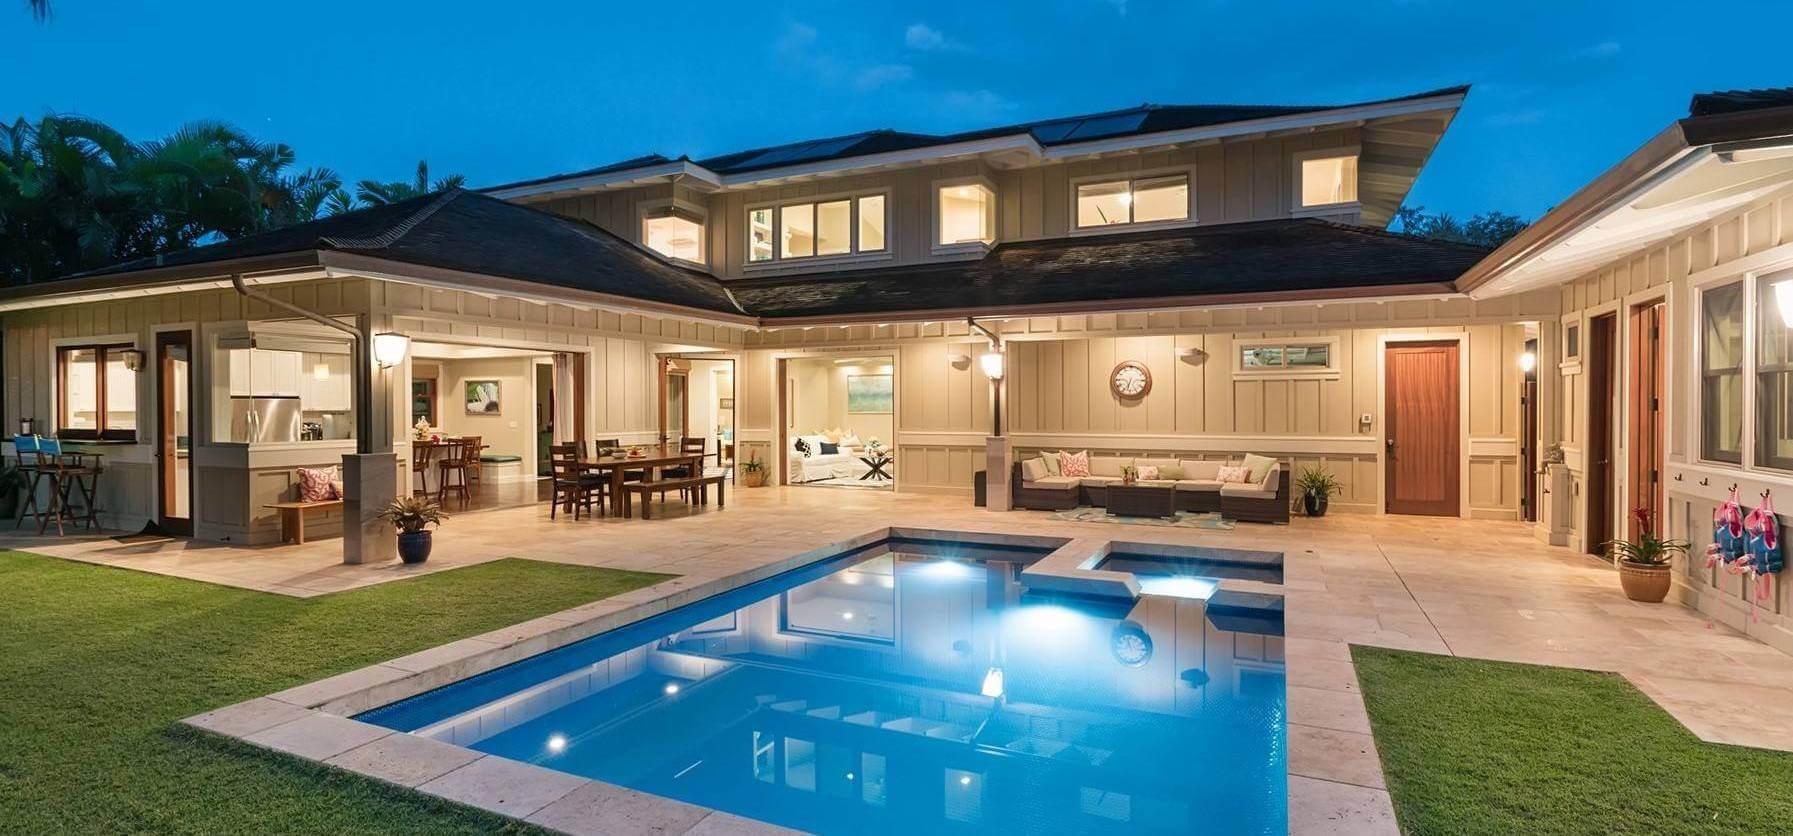 Real Estate Agent Waikiki